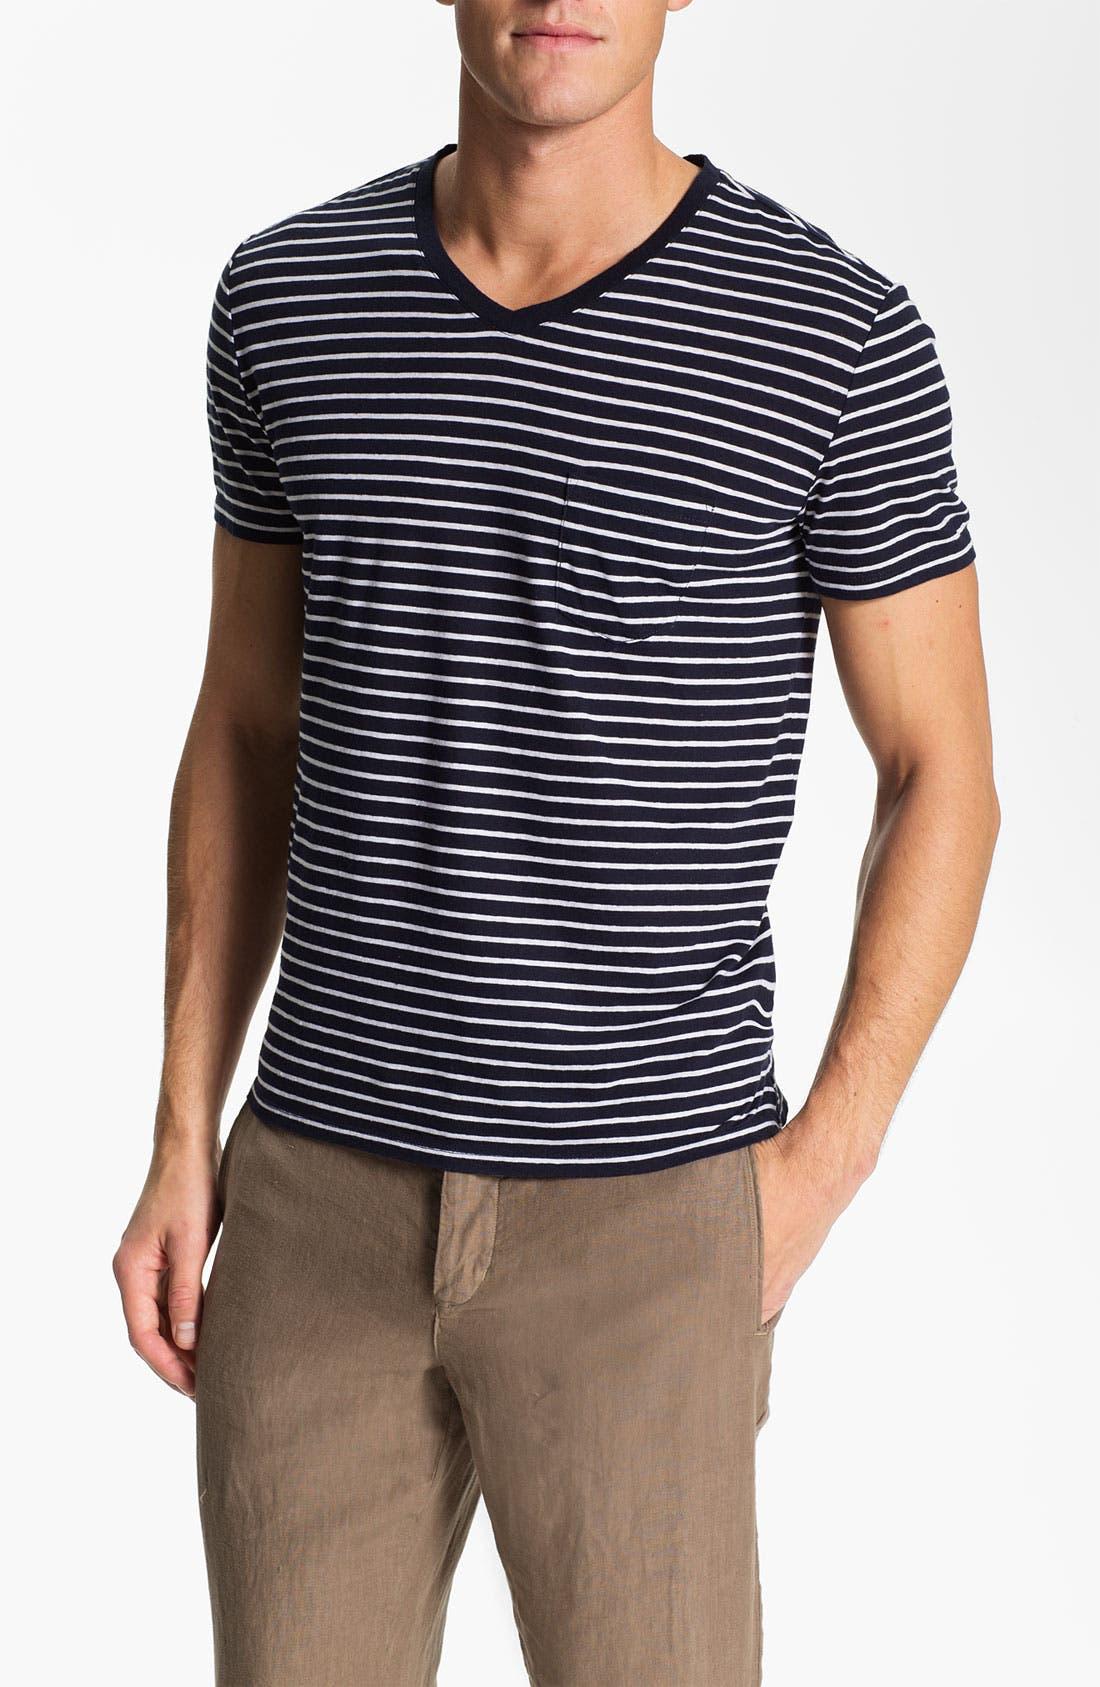 Alternate Image 1 Selected - Vince Stripe Pocket V-Neck T-Shirt